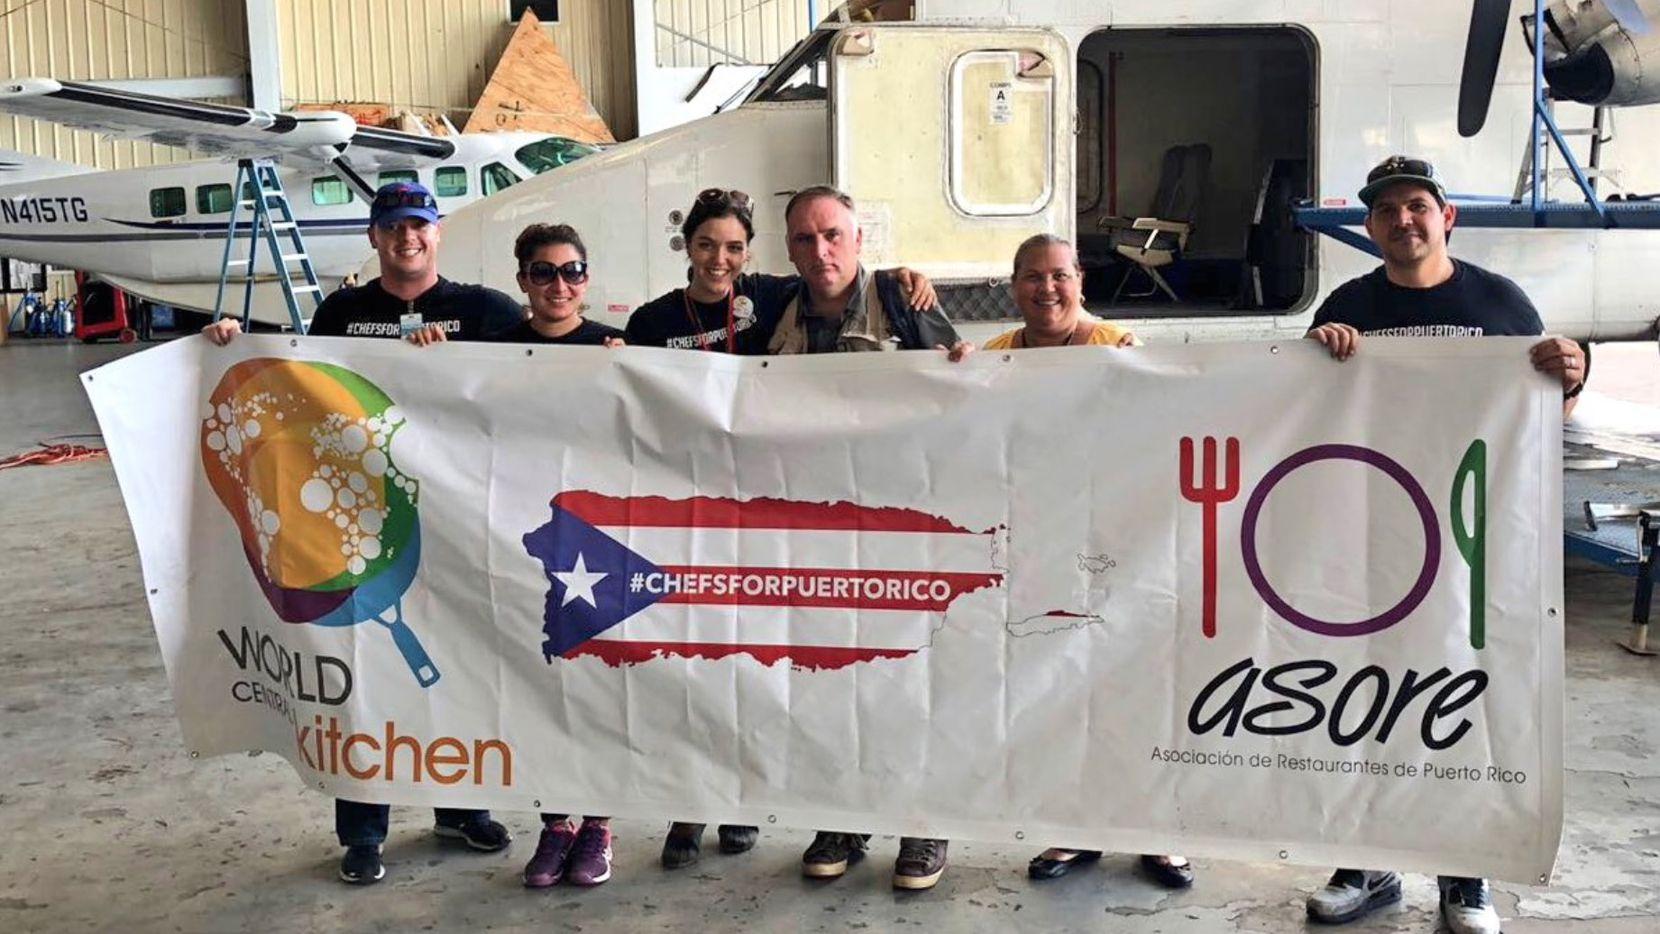 El chef José Andrés y su equipo en Puerto Rico. (TWITTER)